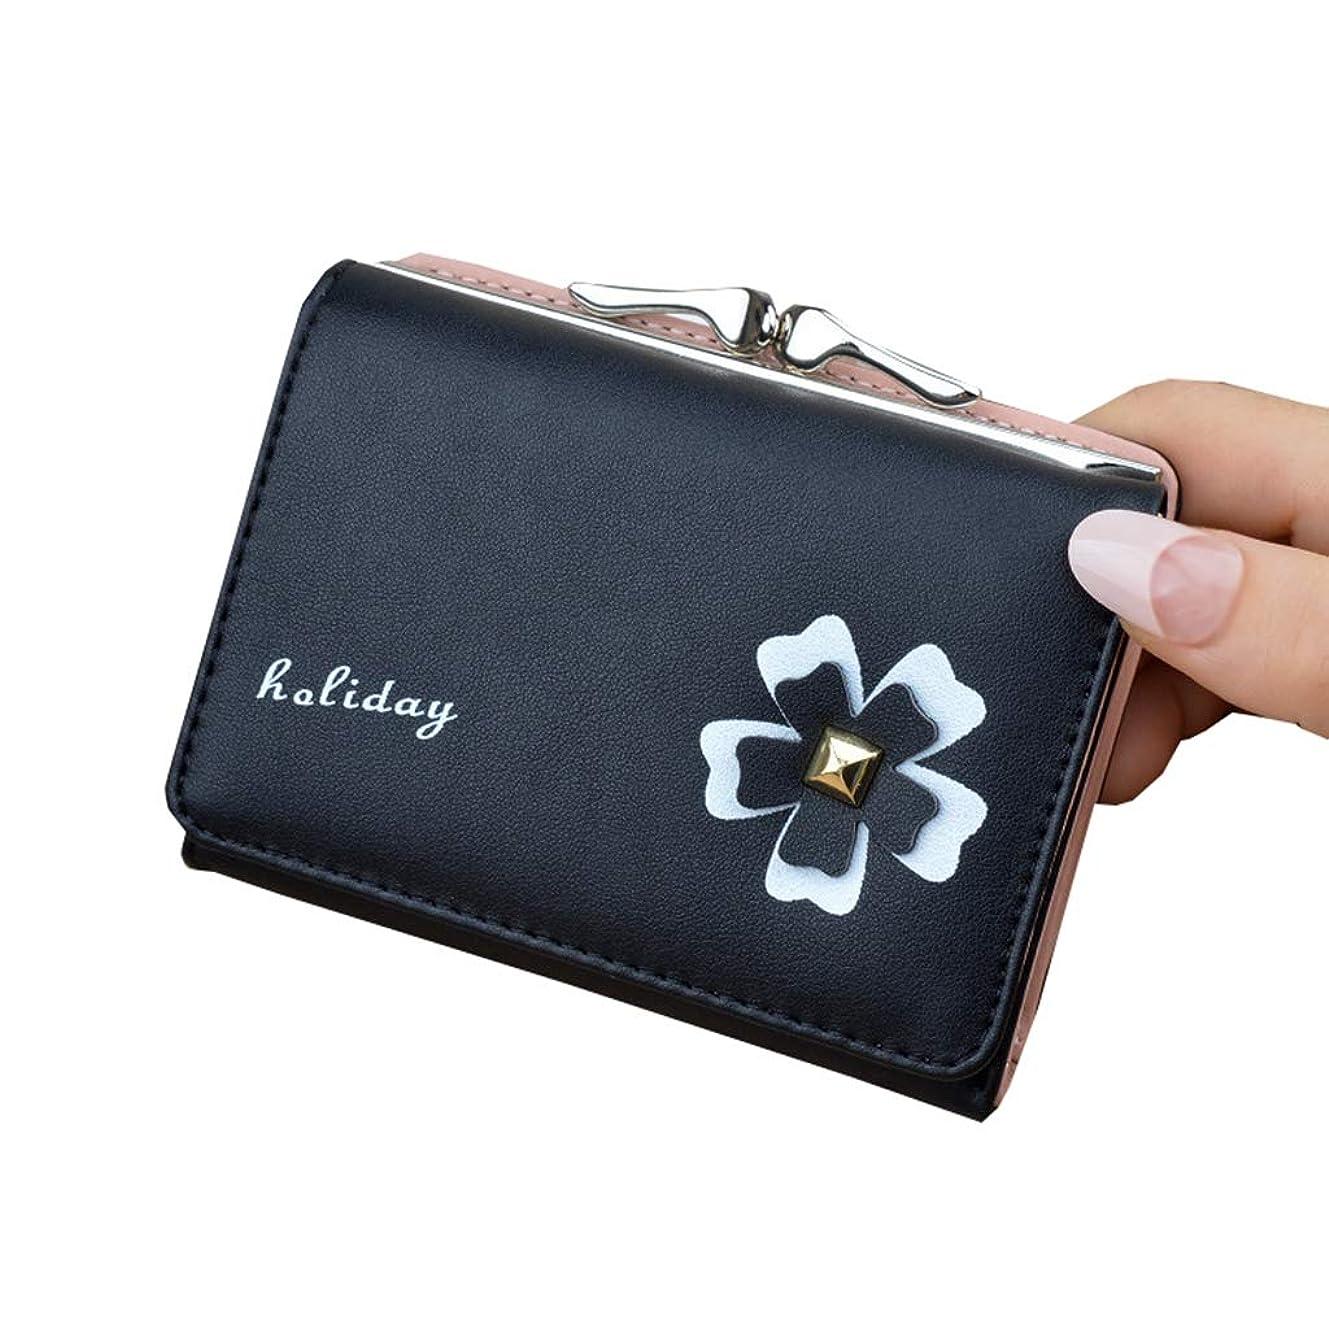 夕暮れスパイマナーミニ 財布 レディース 三つ折り かわいい 人気 がま口 多機能 大容量 コンパクト 軽量 プレゼント 花 10*9*3.2cm ピンク ブルー ブラック ワインレッド パープル